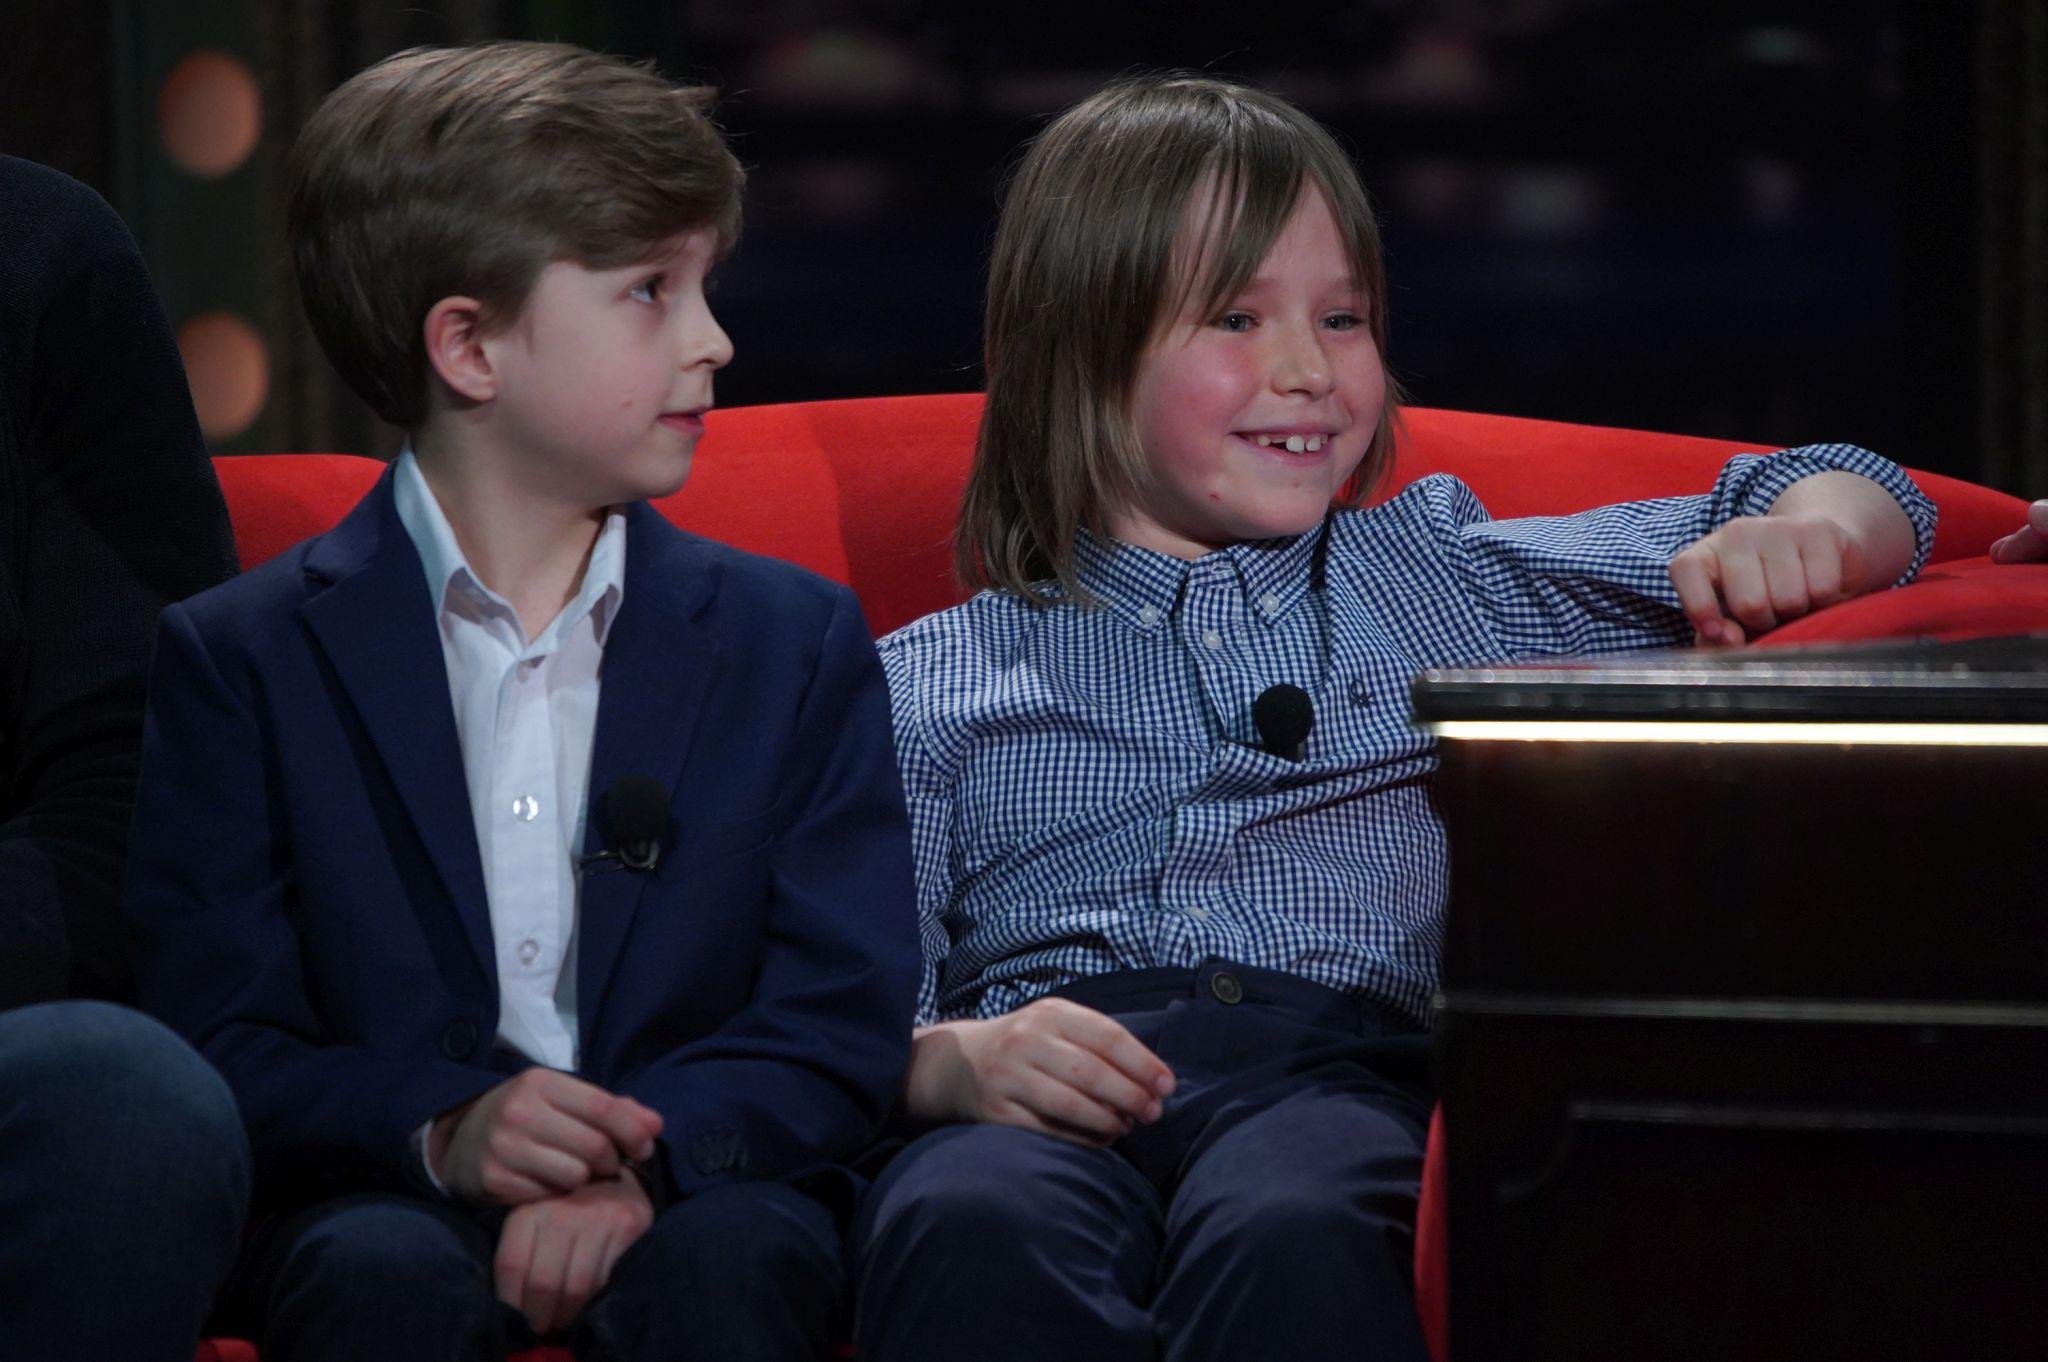 Oblíbení dětští herci (zleva) Viktor Sekanina a Theo Schaefer v SJK 21. 4. 2021